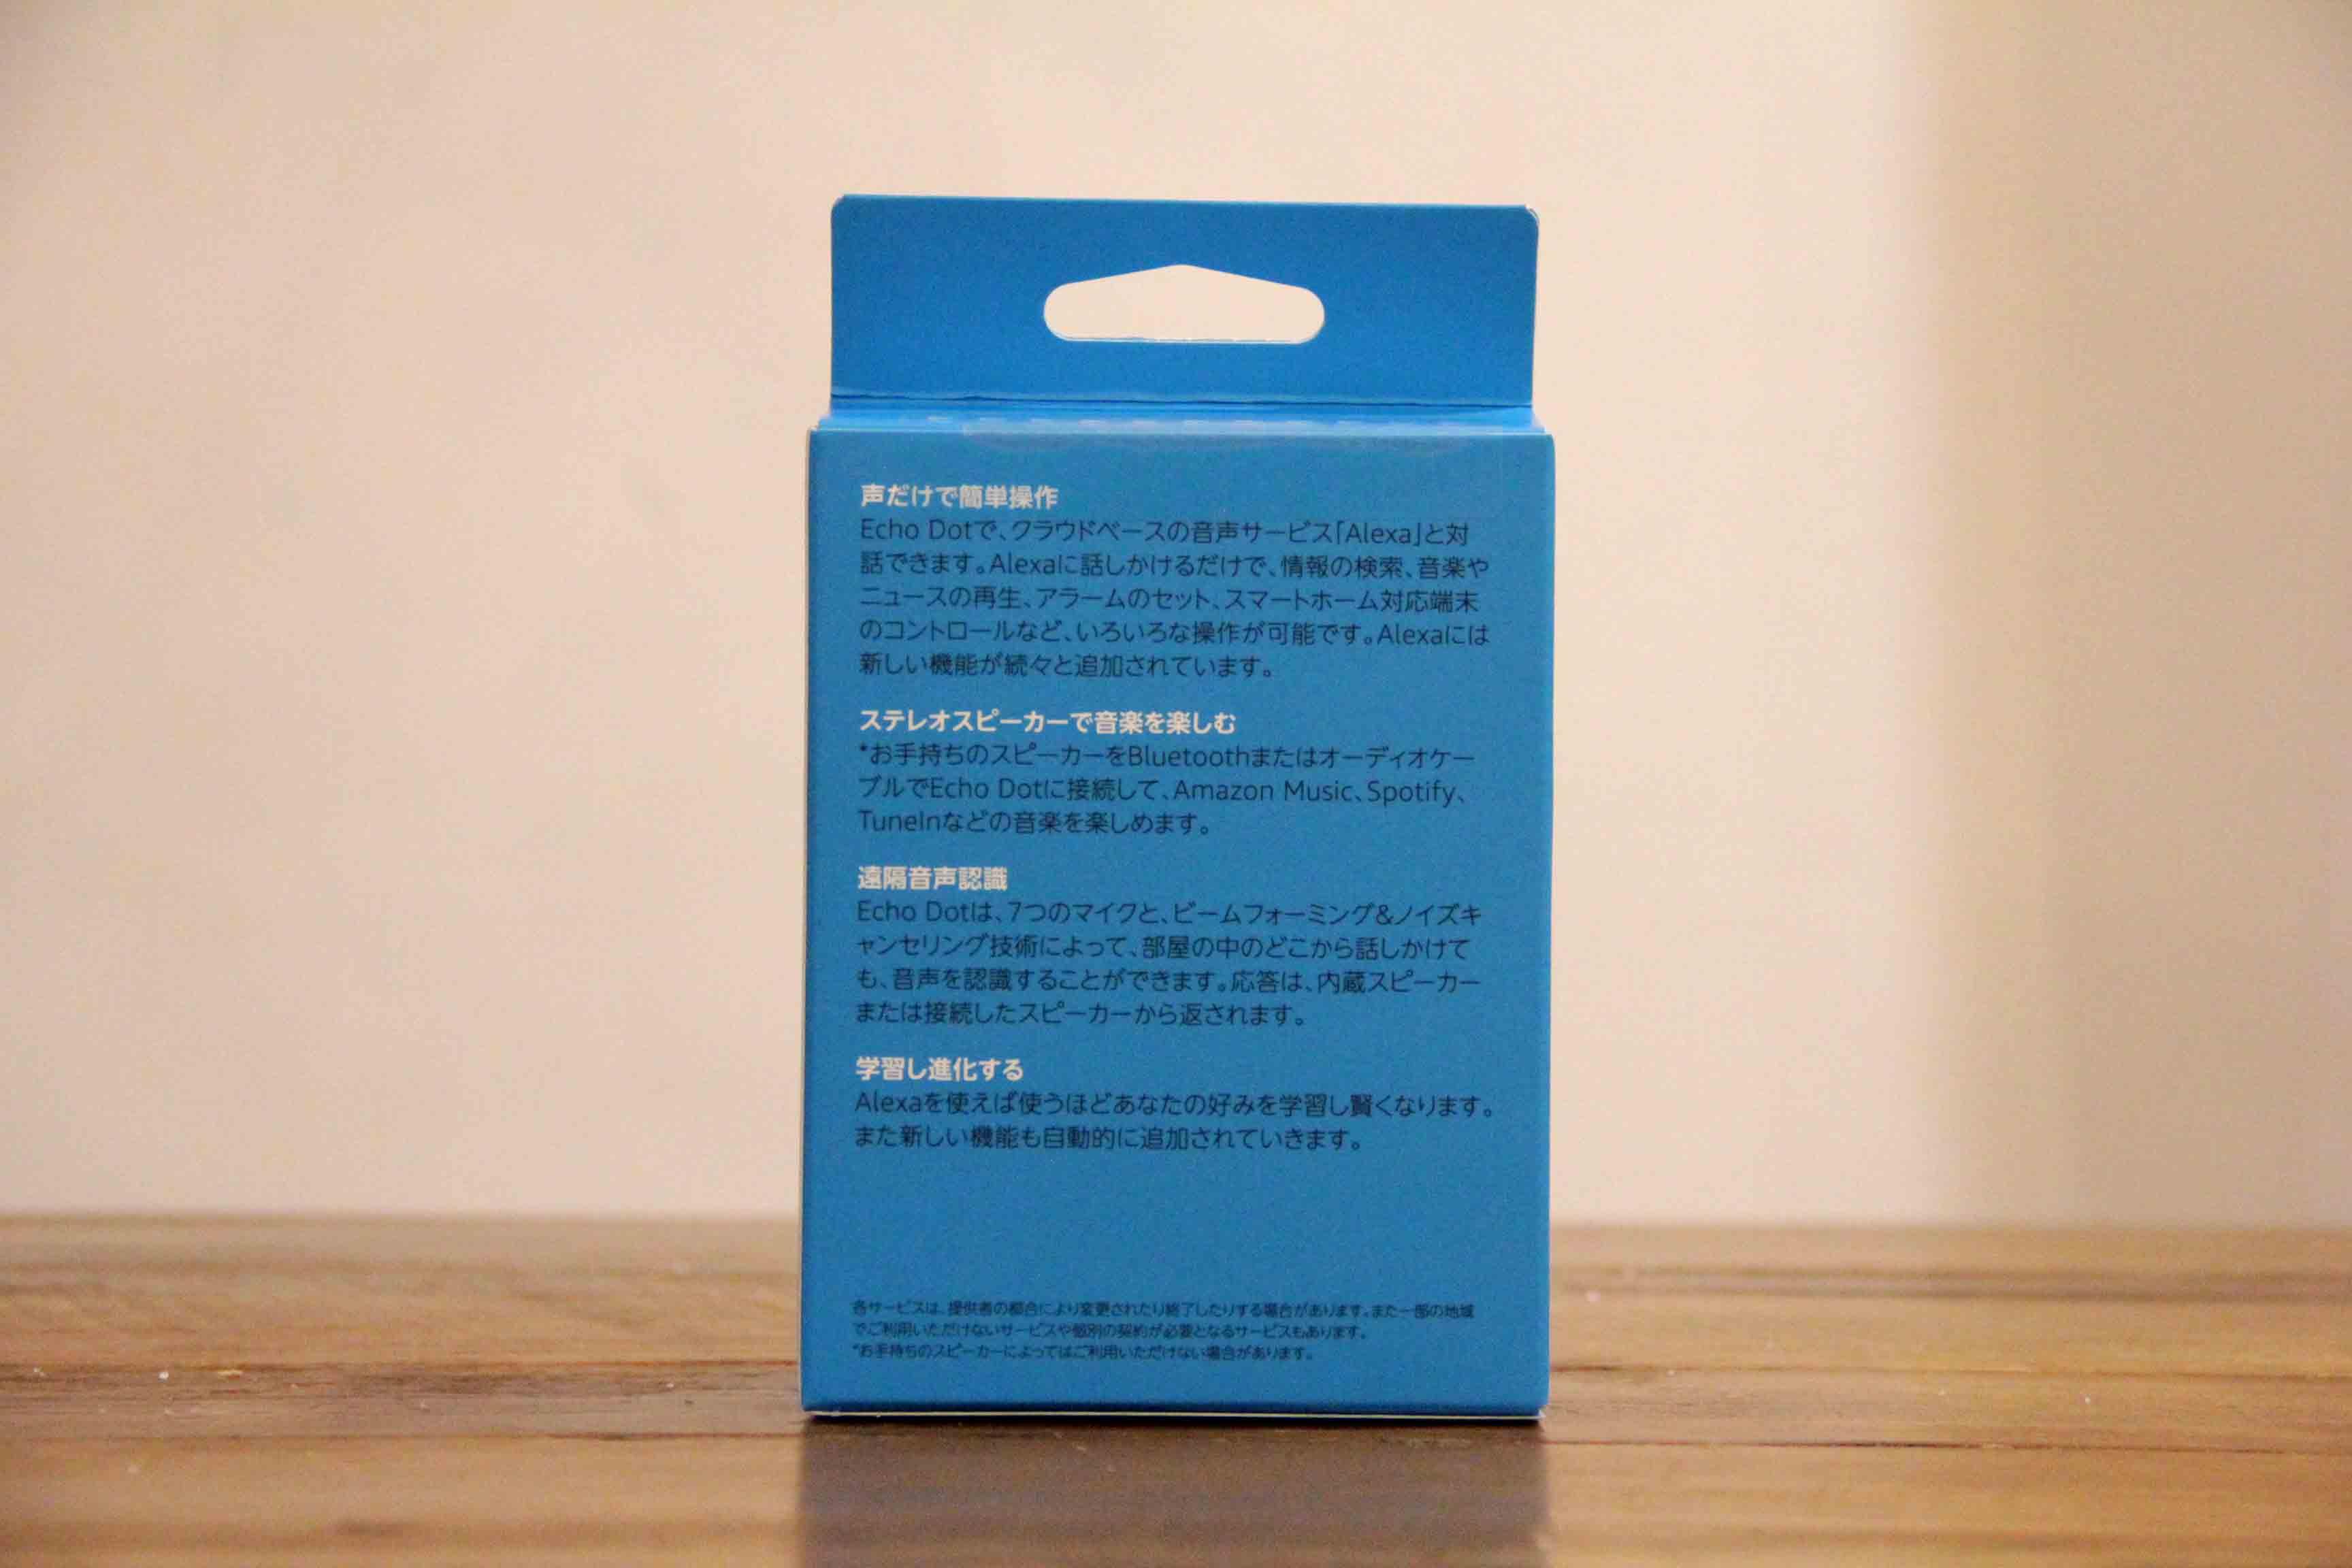 AmazonEchoDotの背面パッケージの画像